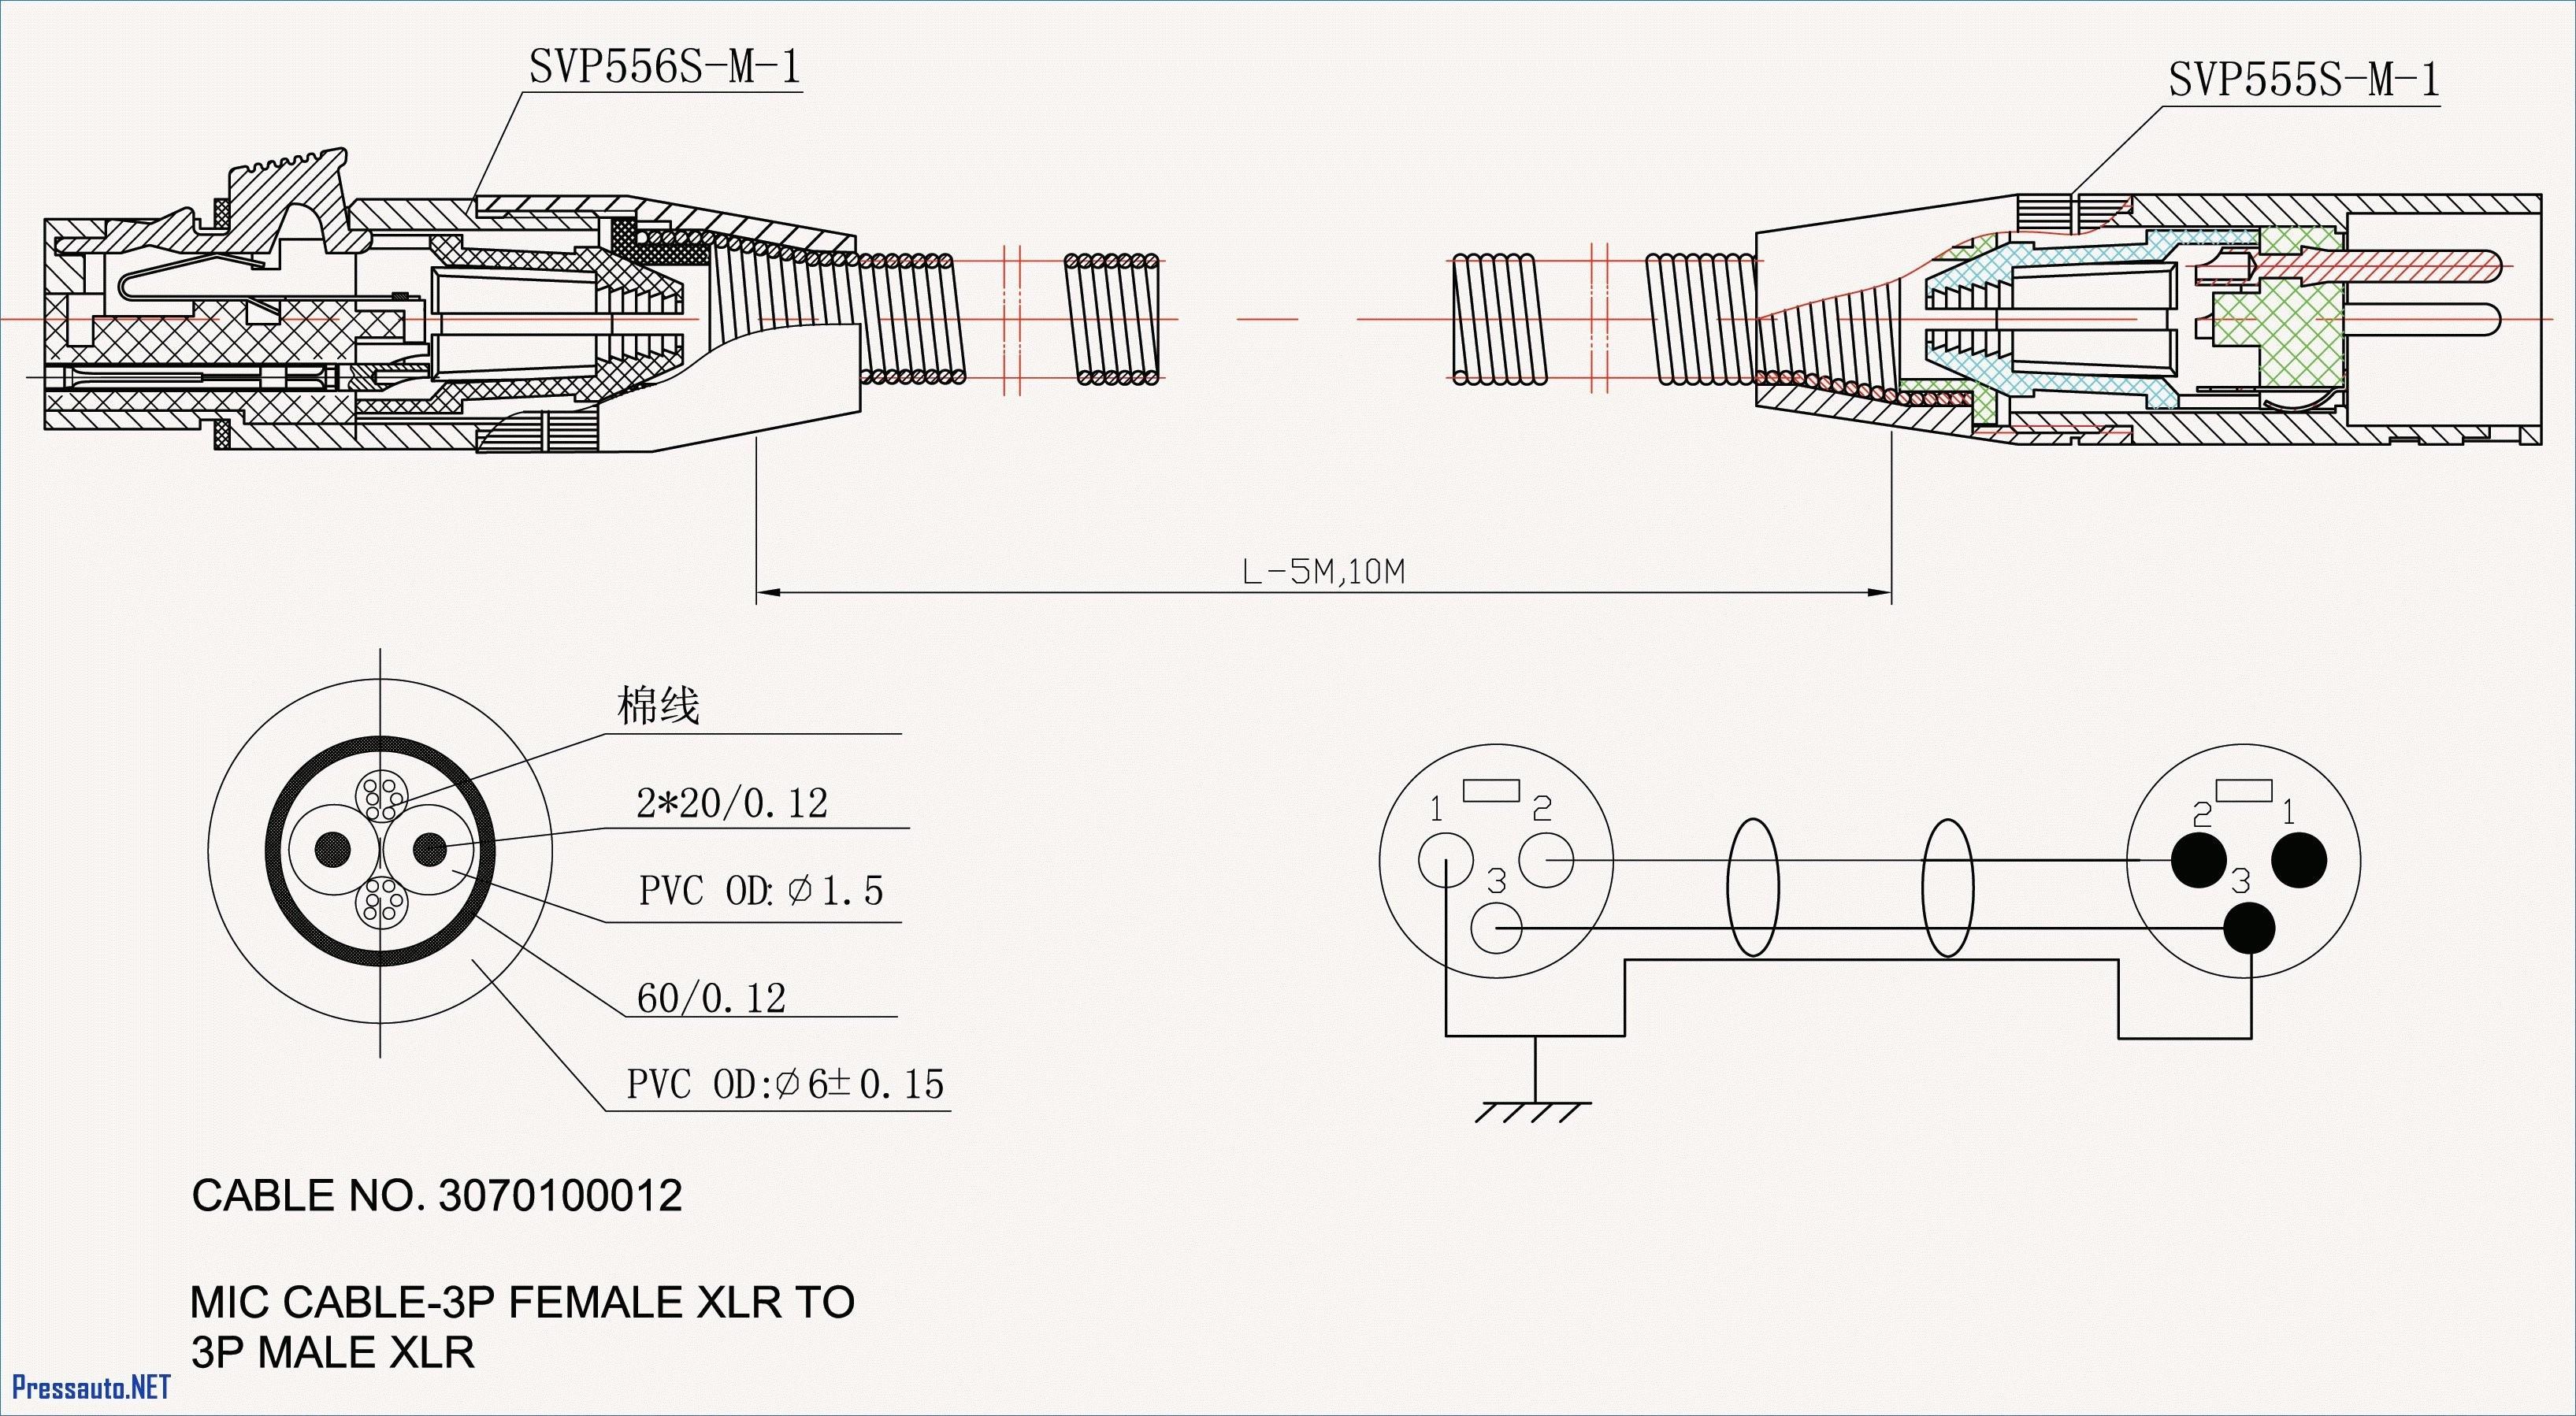 3 Phase Motor Wiring Diagram Beautiful 3 Phase Motor 208 Wiring Diagram 9 Wires